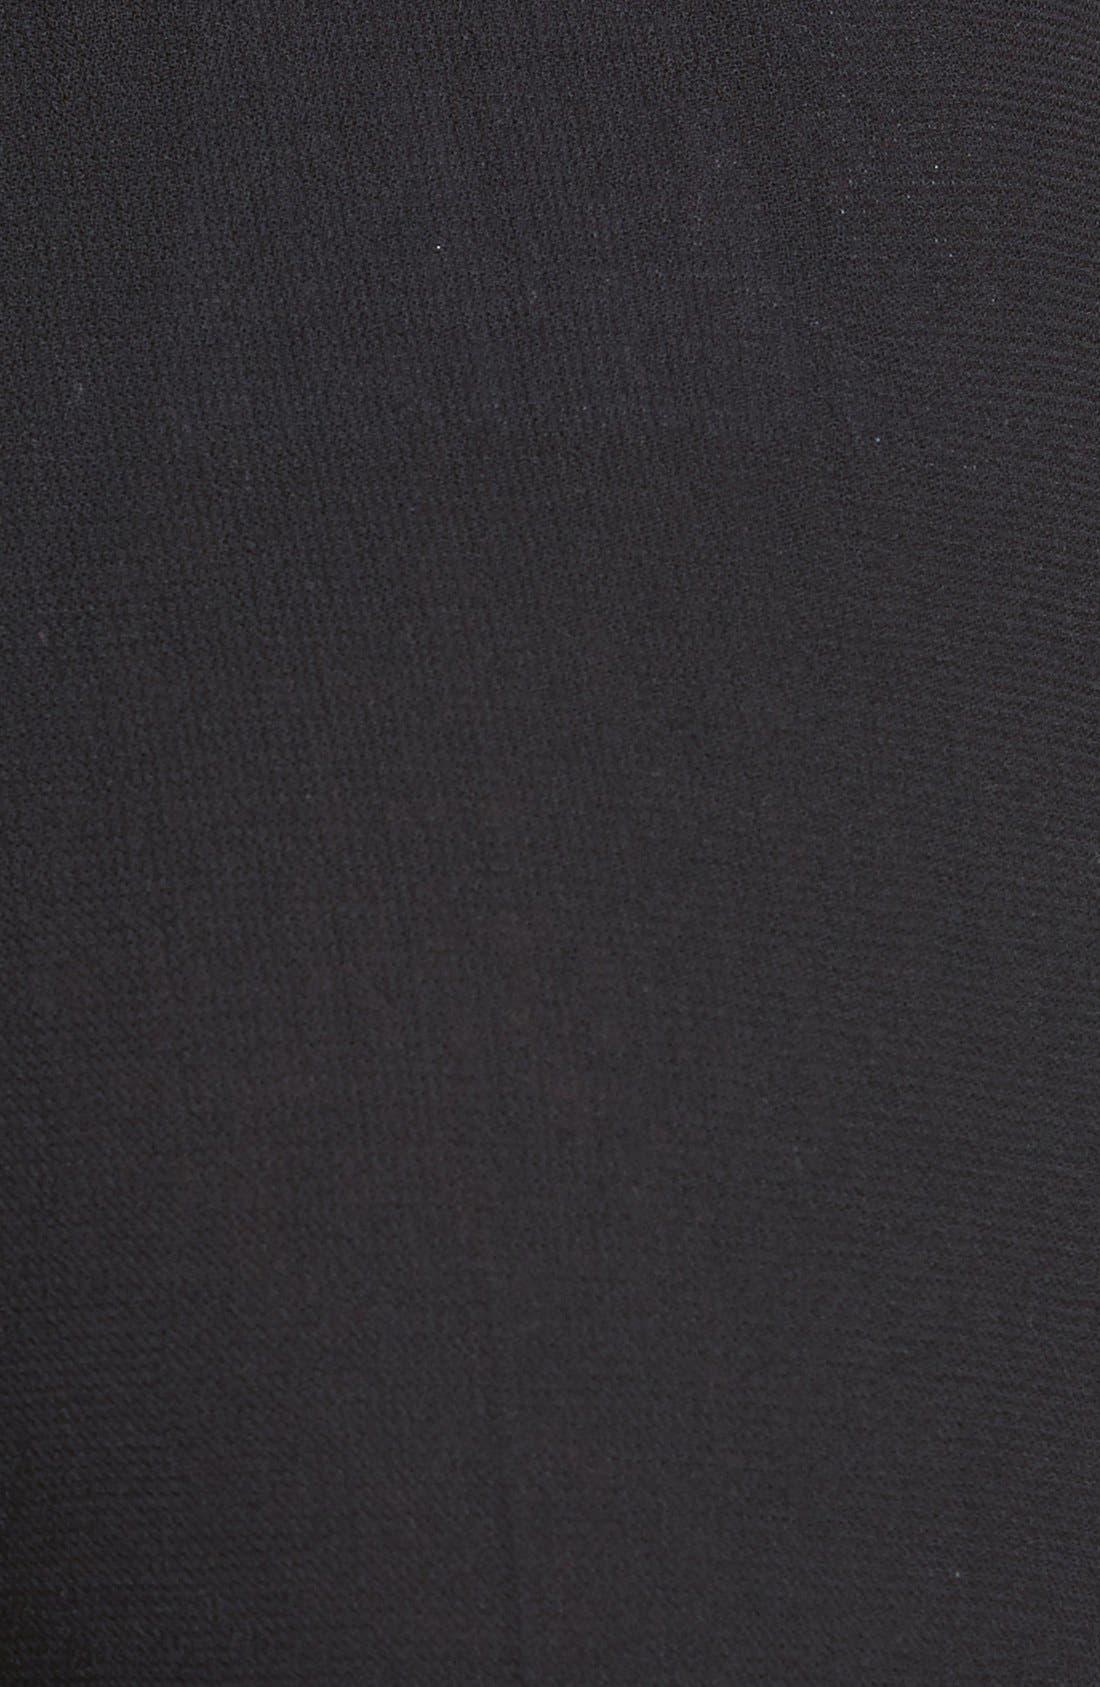 Alternate Image 3  - Santorelli Wool Crepe Straight Leg Pants